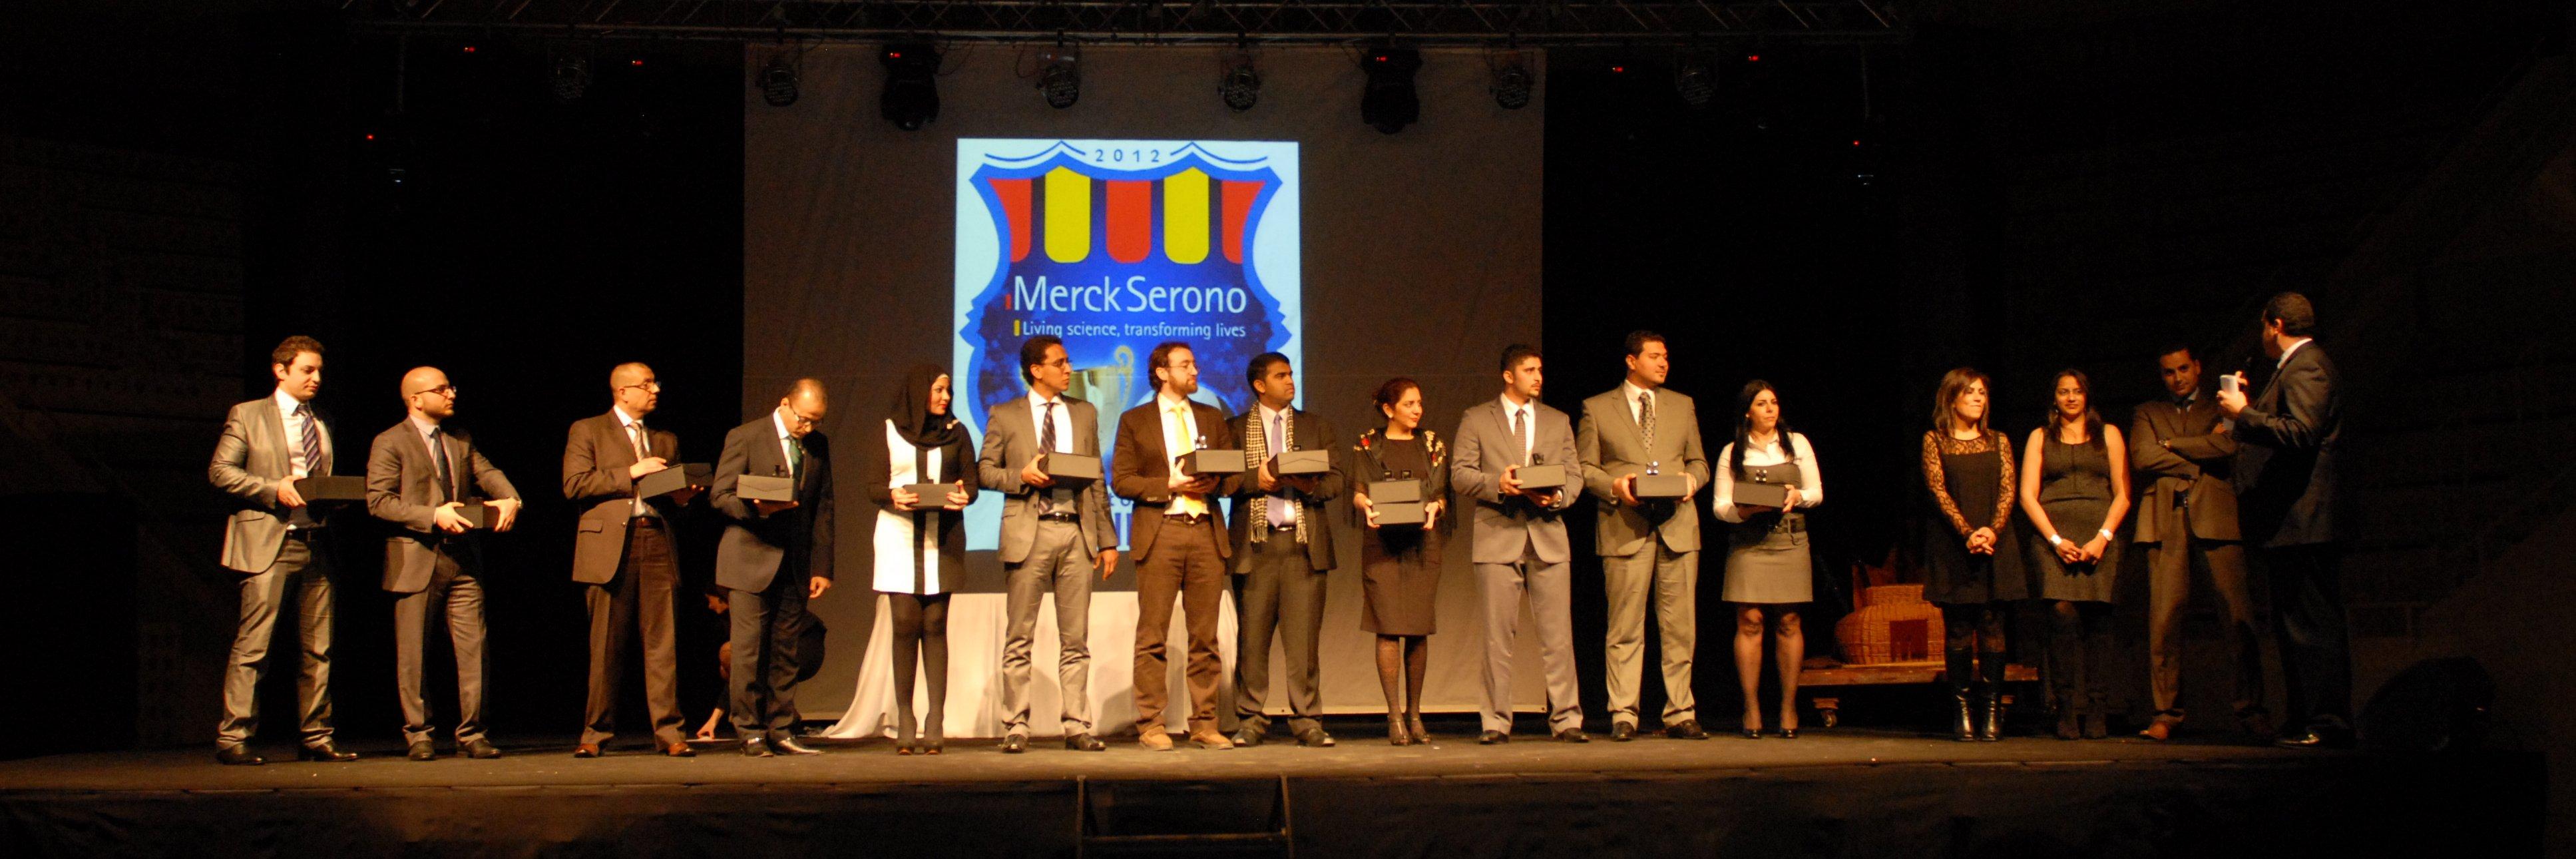 Project: Merck Serono - 150 Pax - Awards Gala Dinner at MNAC - Barcelona 2012